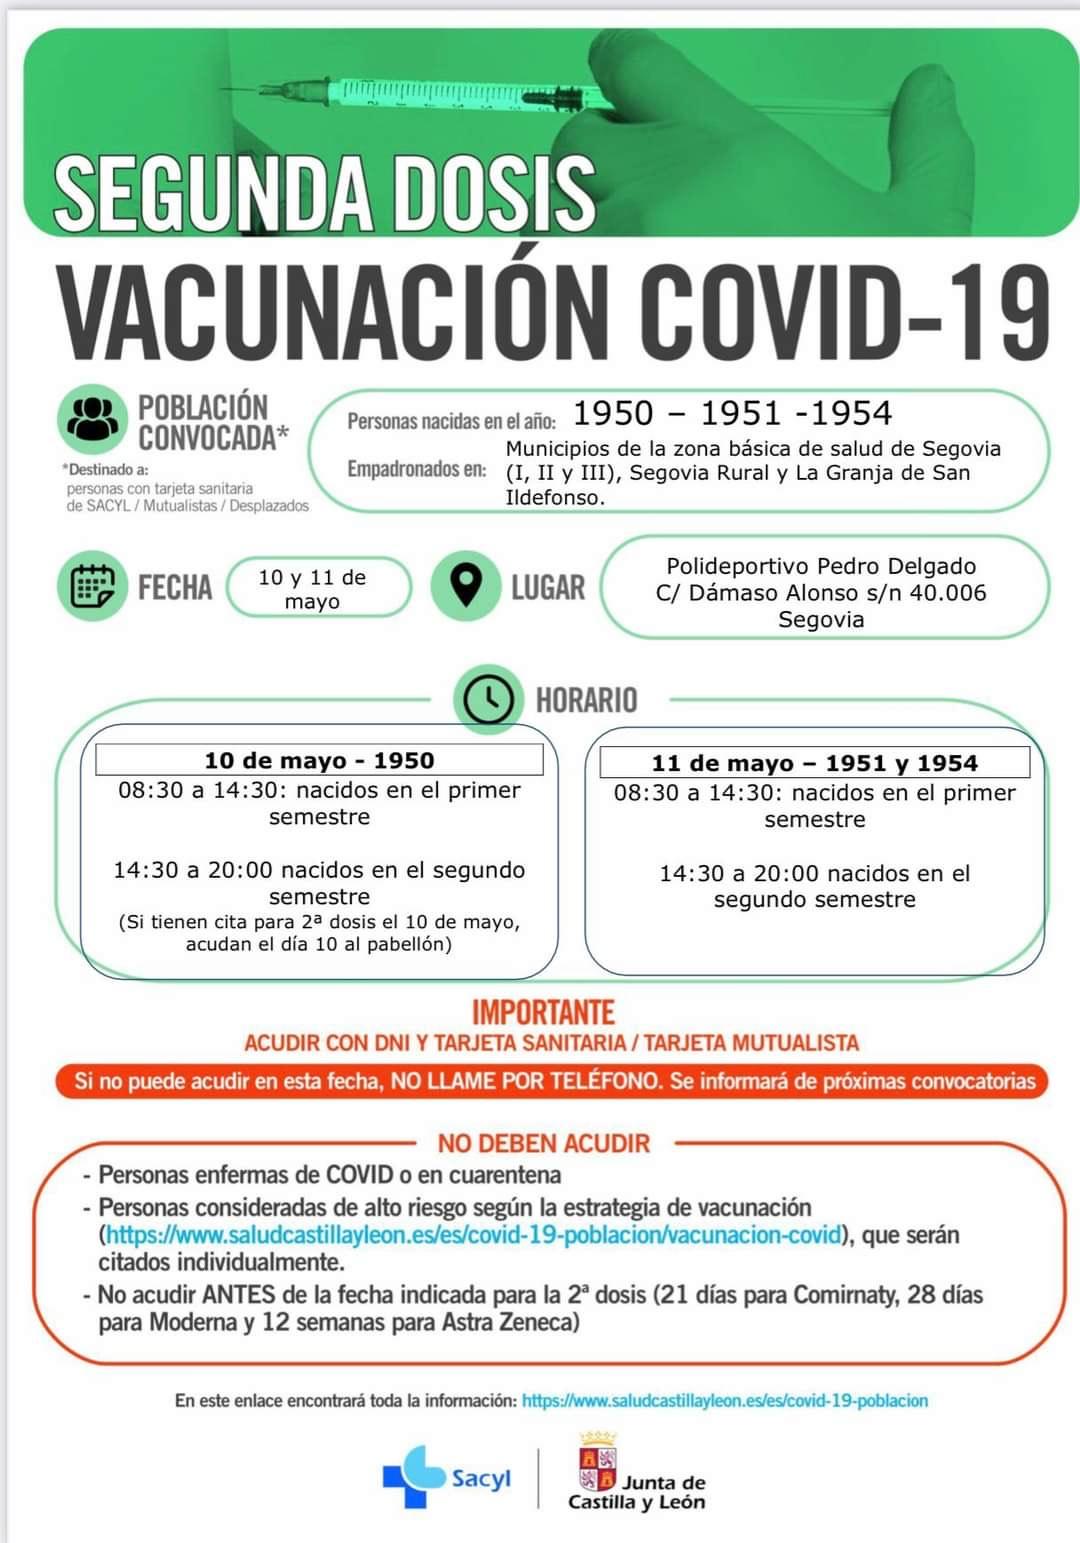 campana de vacunacion segunda dosis